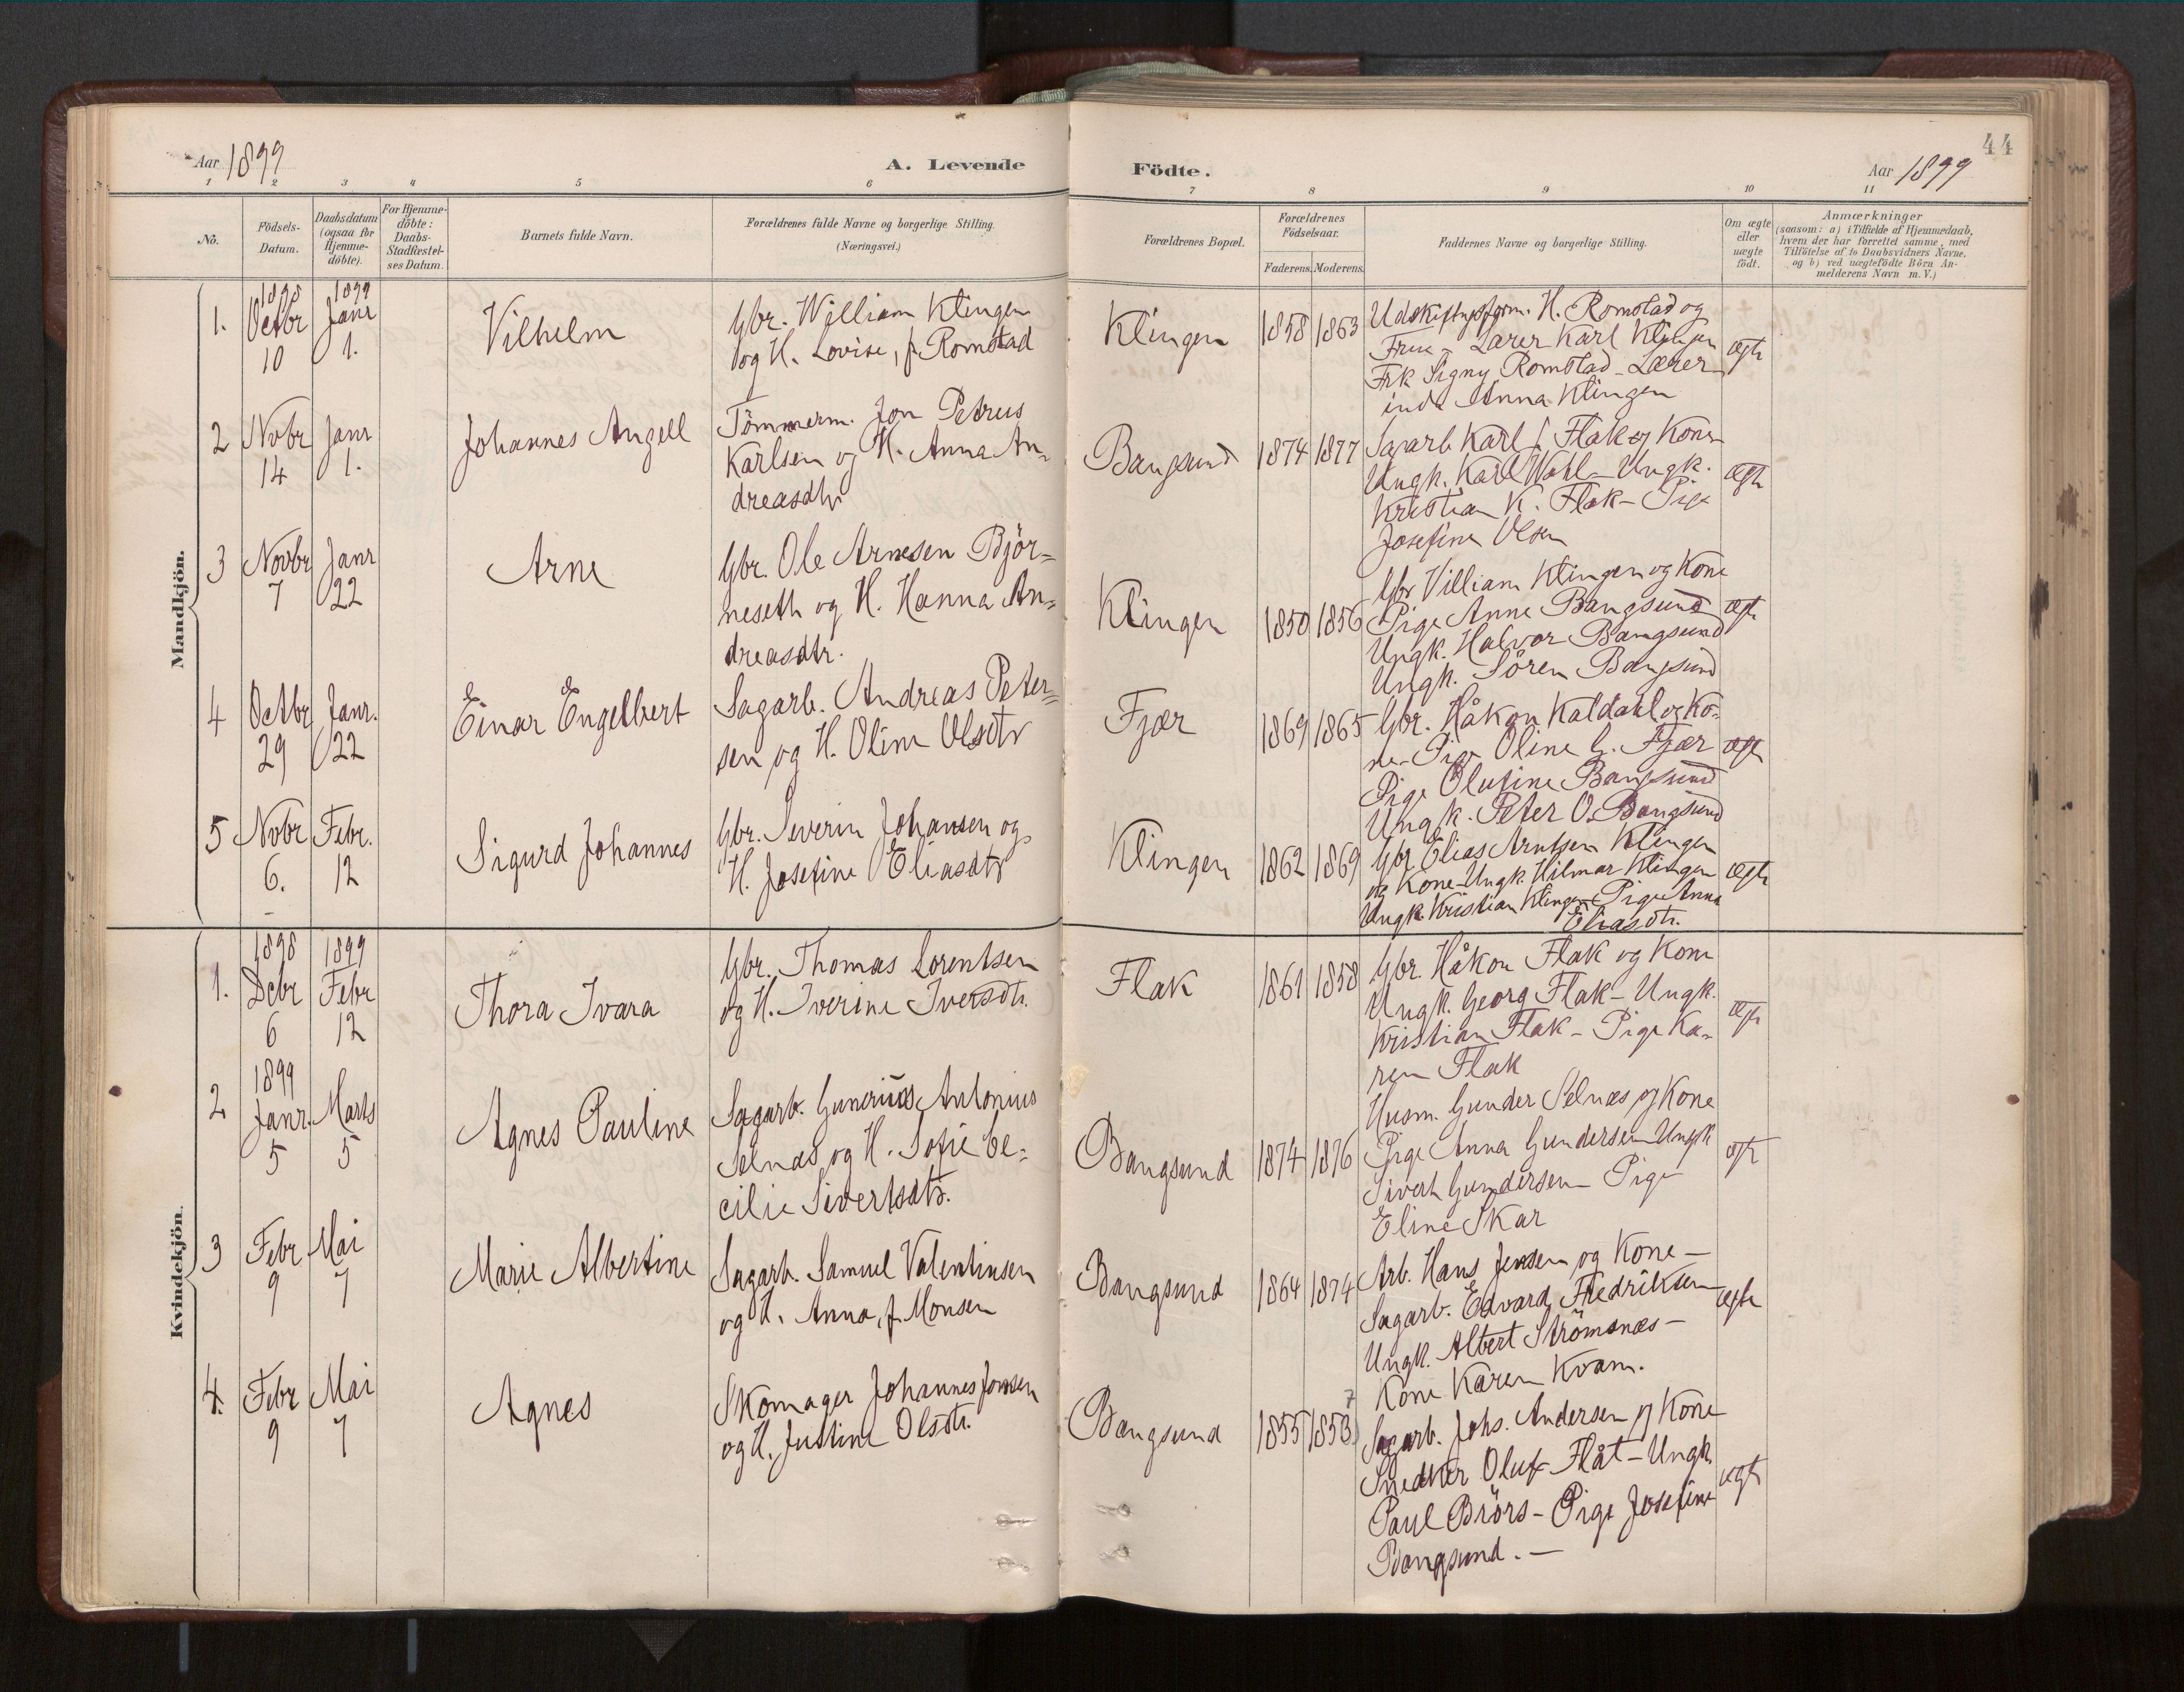 SAT, Ministerialprotokoller, klokkerbøker og fødselsregistre - Nord-Trøndelag, 770/L0589: Ministerialbok nr. 770A03, 1887-1929, s. 44